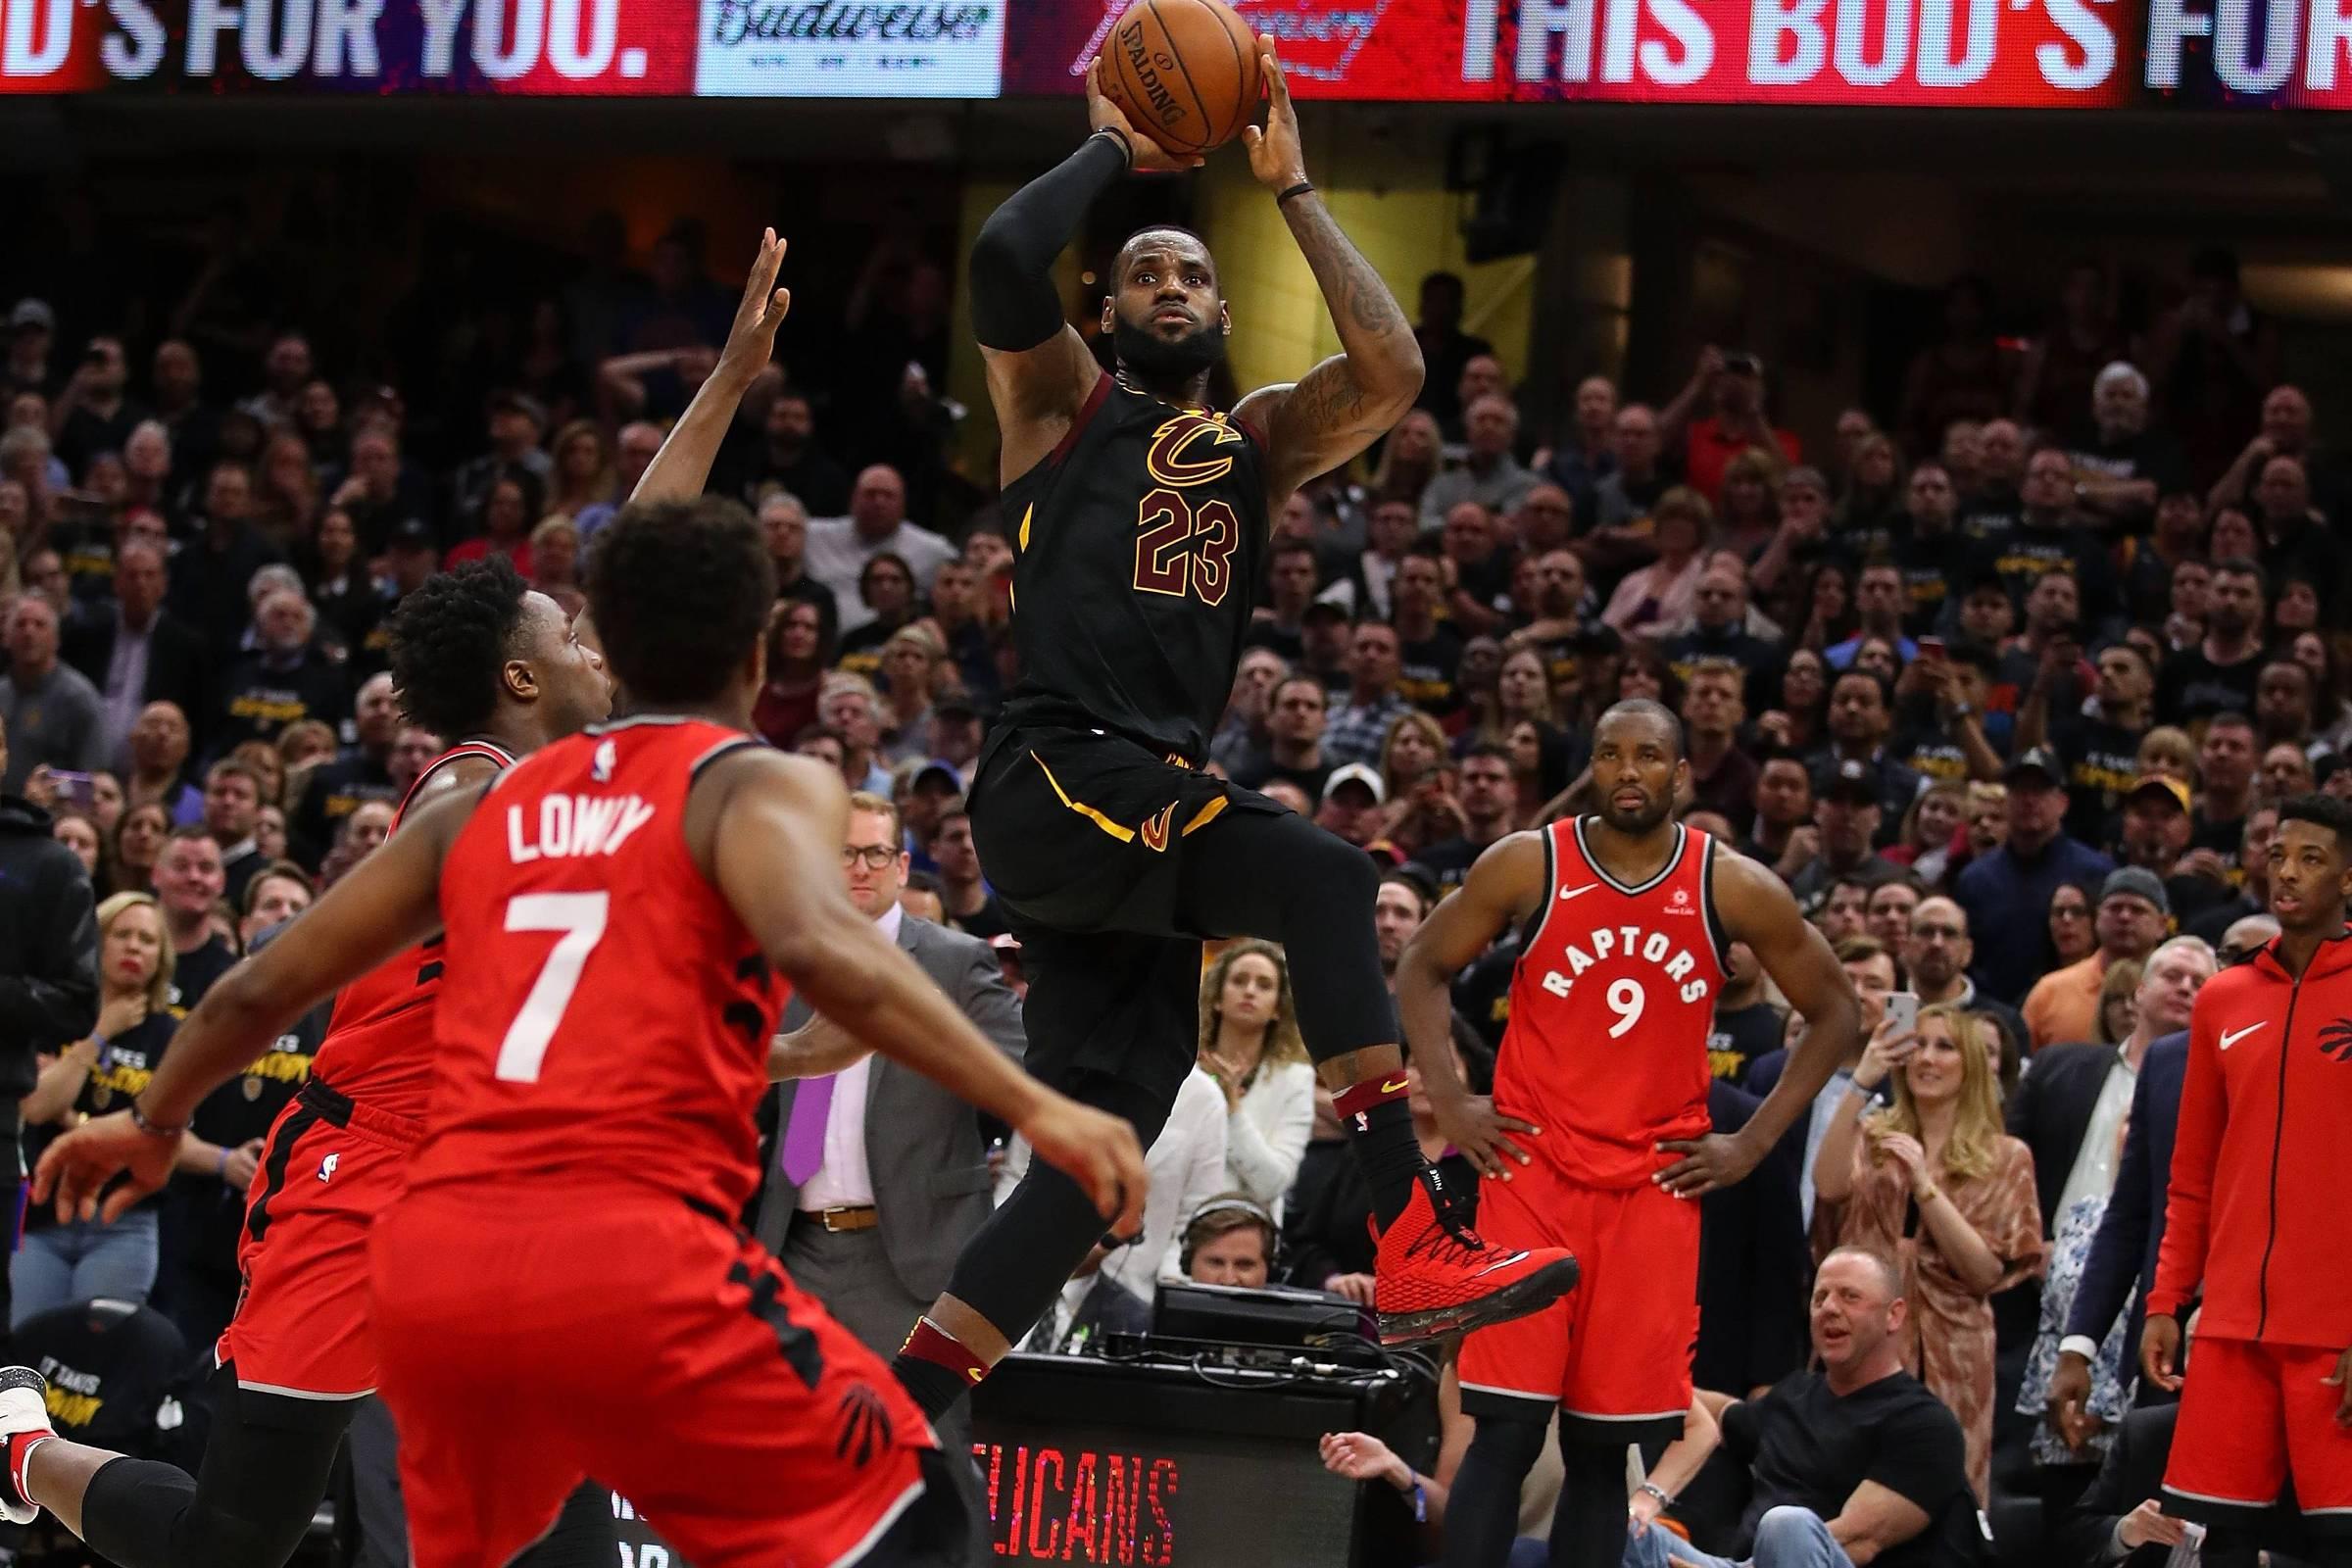 c97ecf813 LeBron James inicia série rumo à oitava decisão de título seguida de NBA -  13 05 2018 - Esporte - Folha